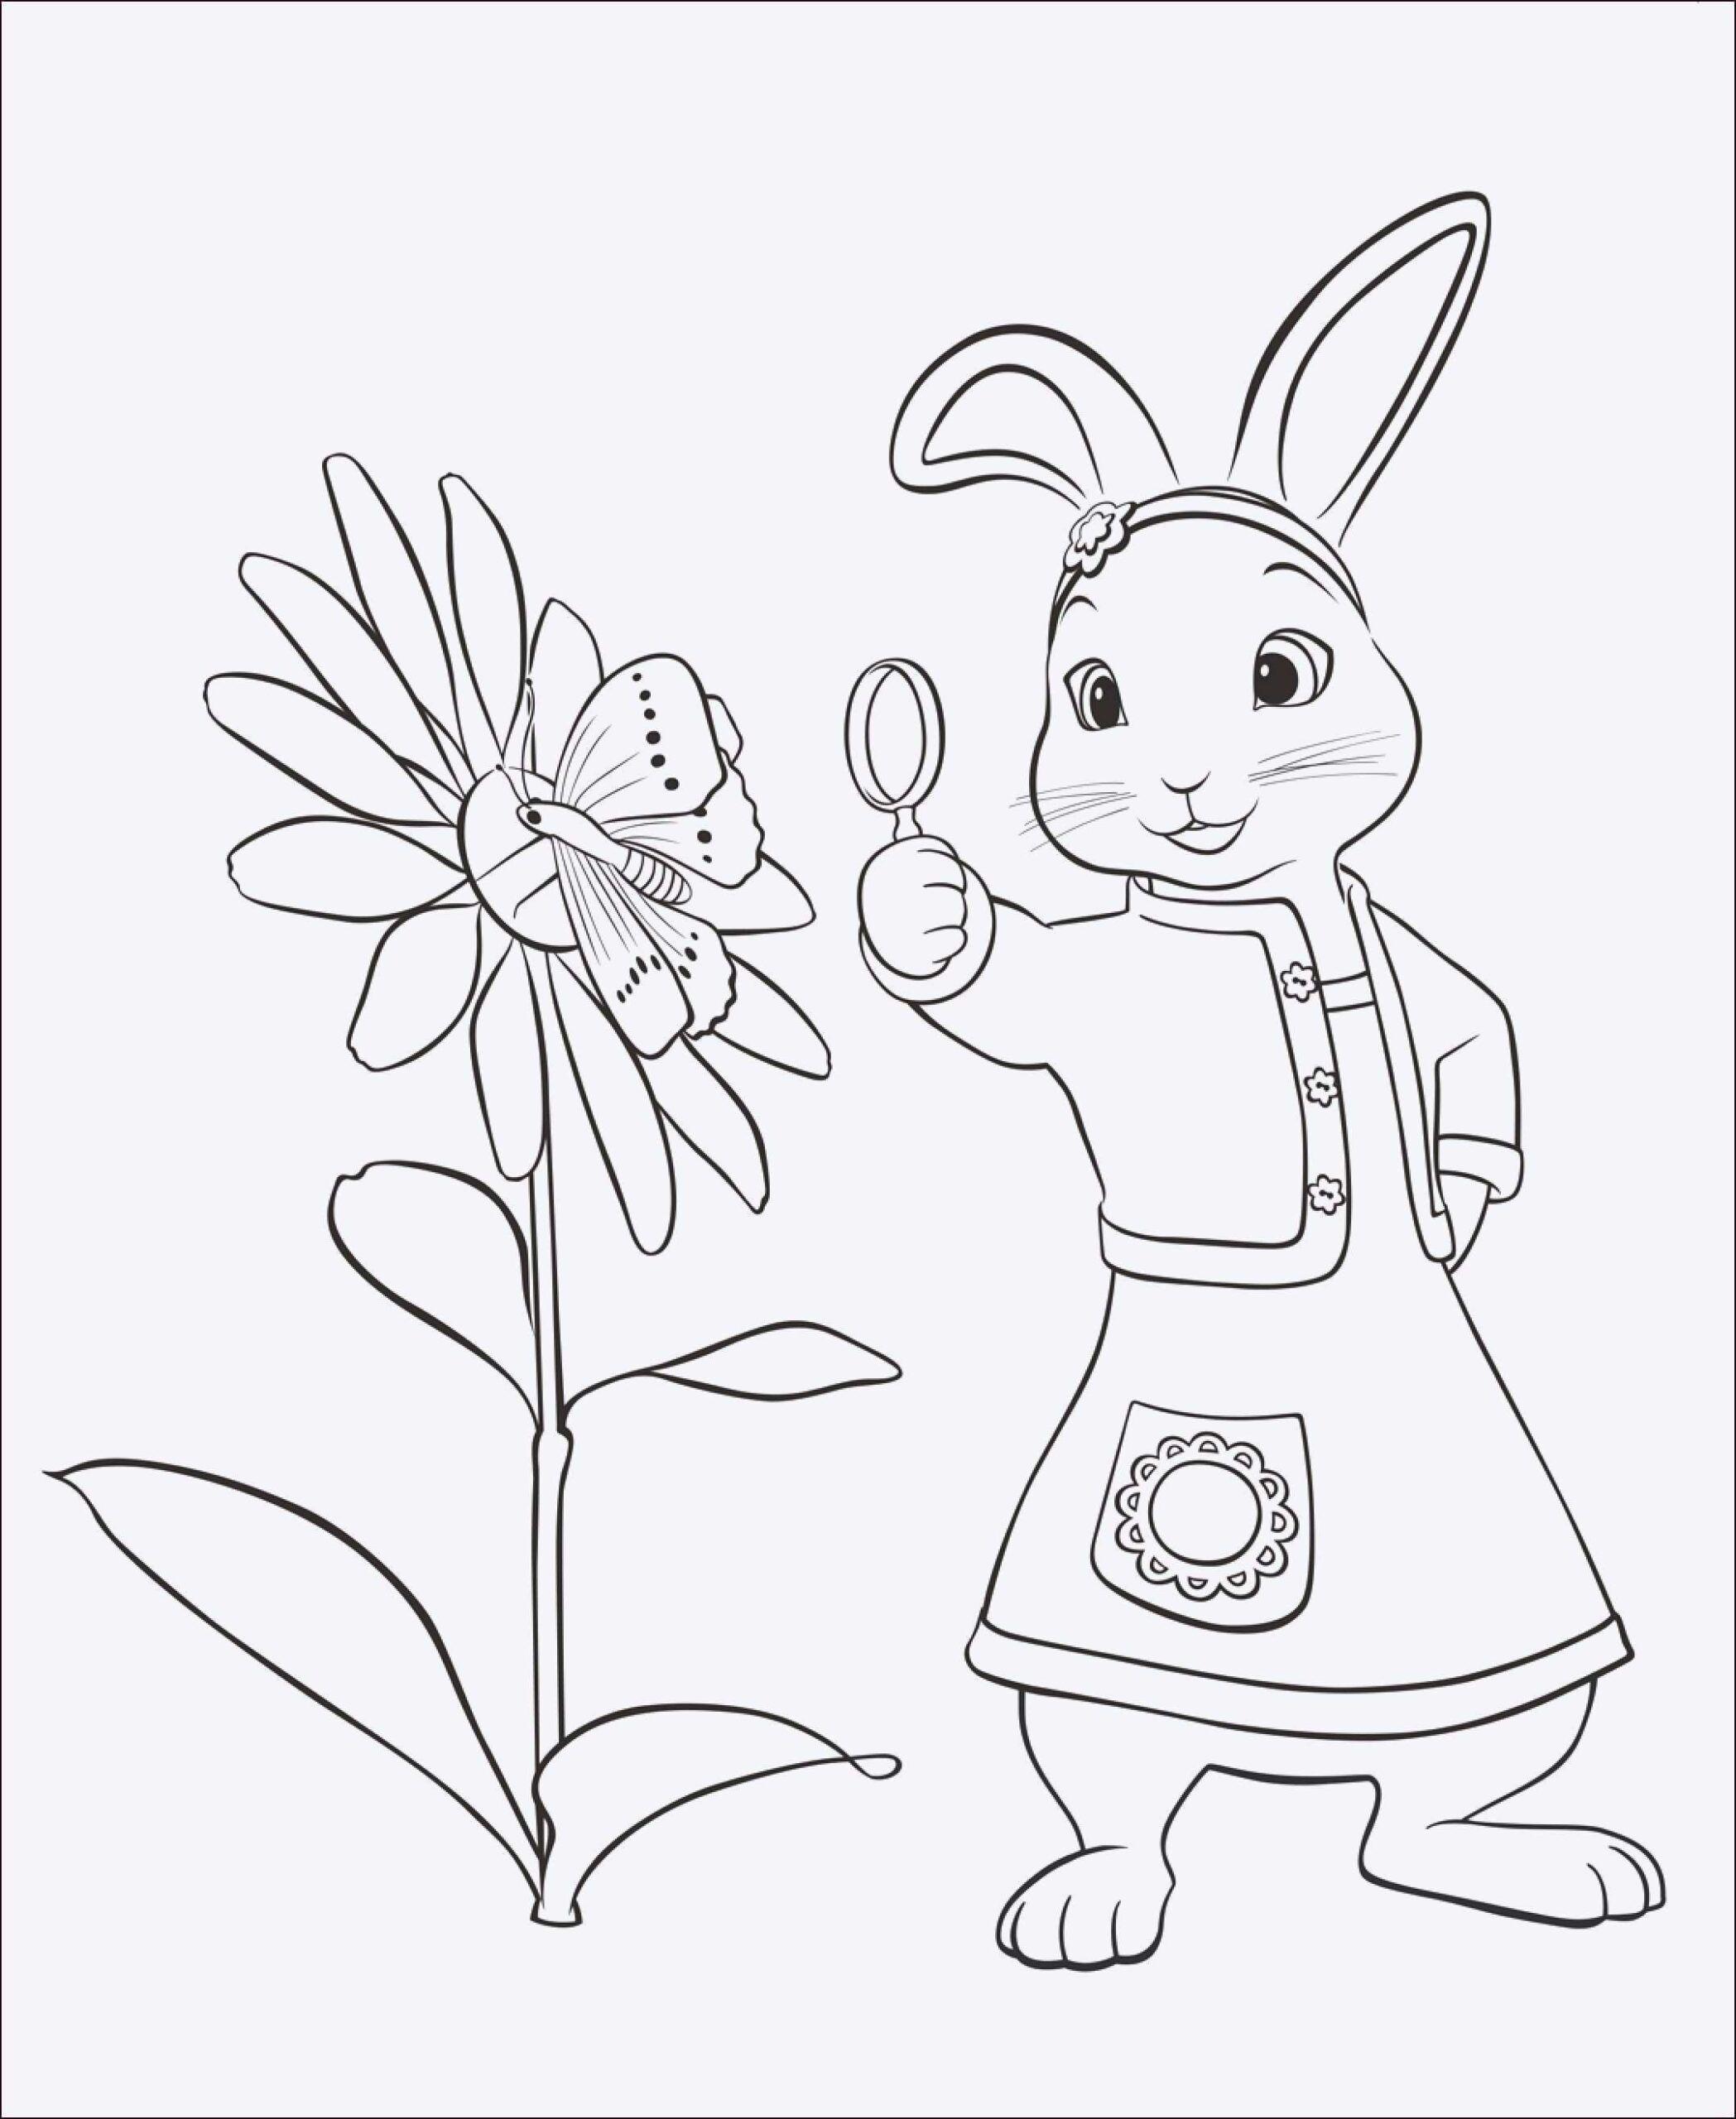 Ten Großartig Malvorlage Kaninchen Ausdruck 17  Ausmalbilder